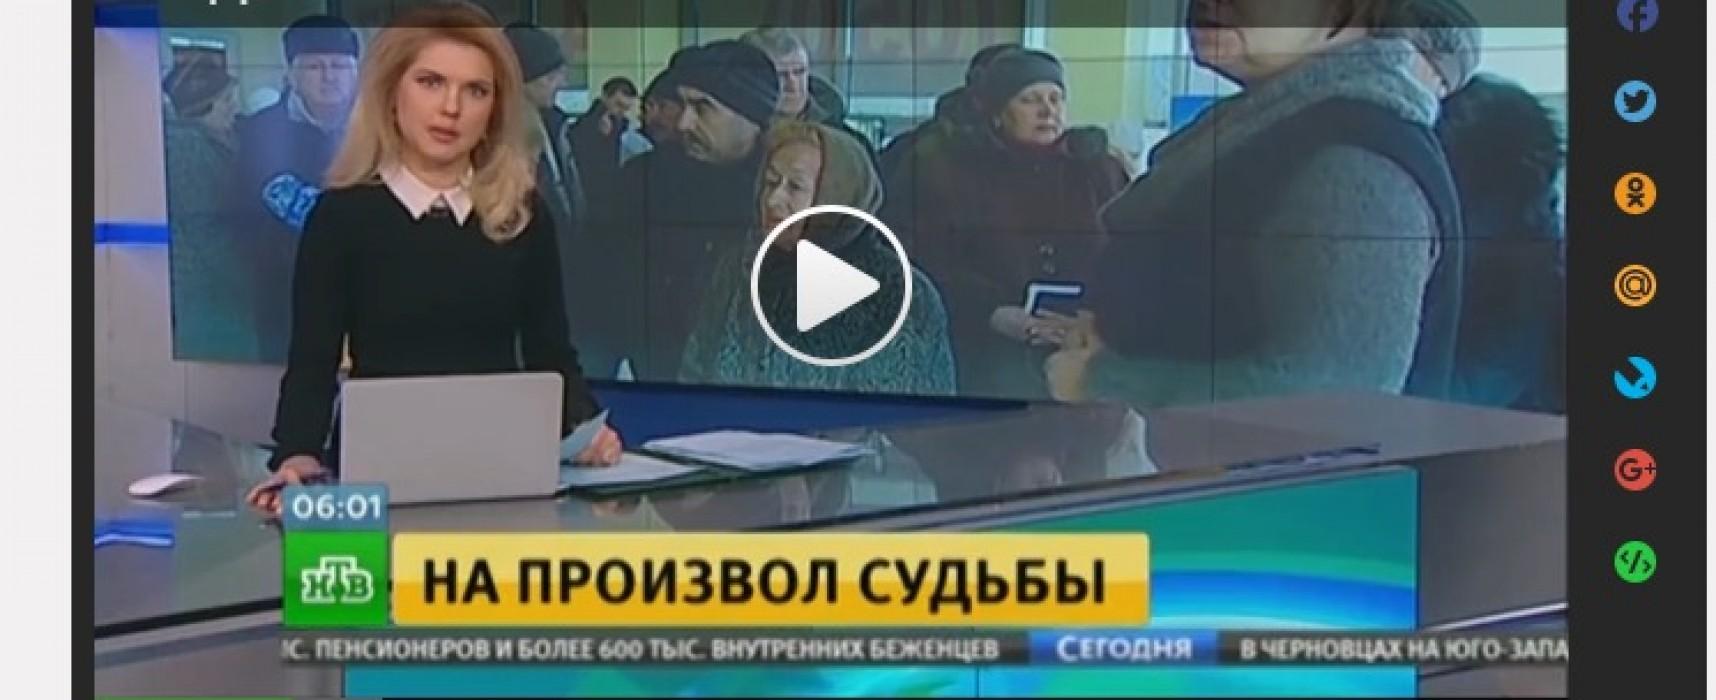 Fake: Kyiv Cuts Thousands of IDP Benefits